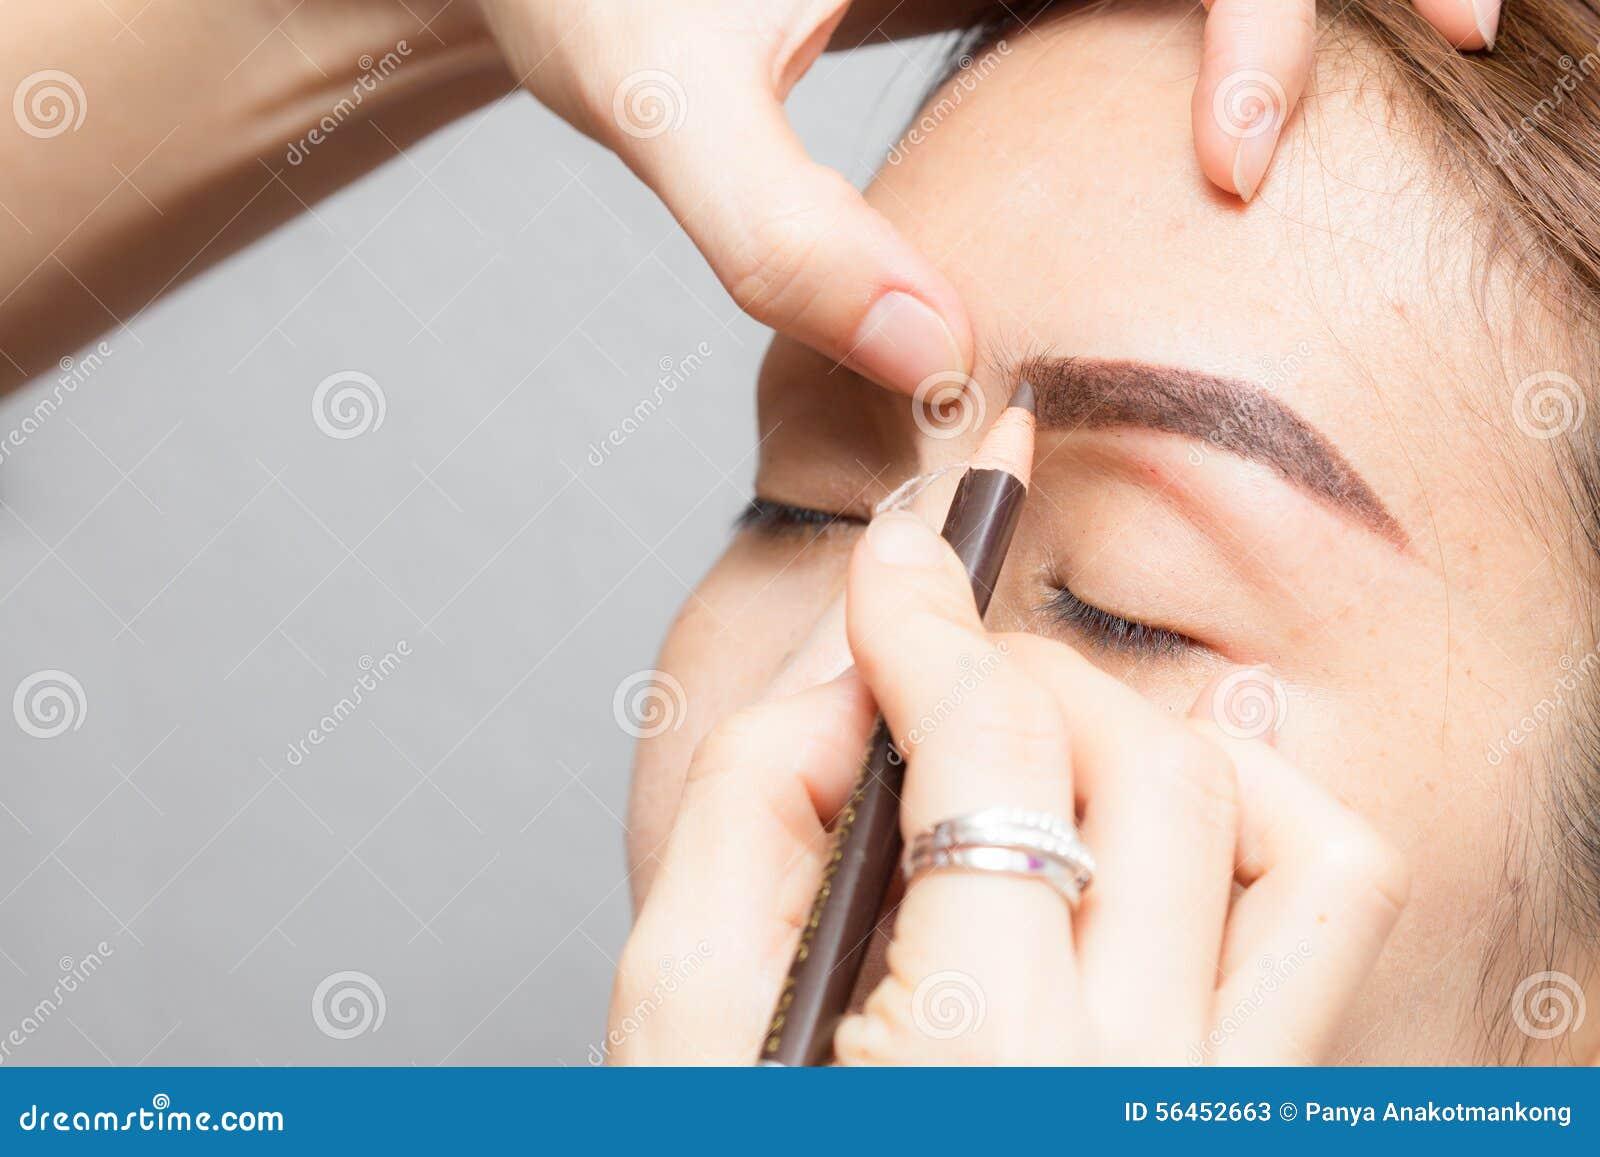 facial phenotype checklist